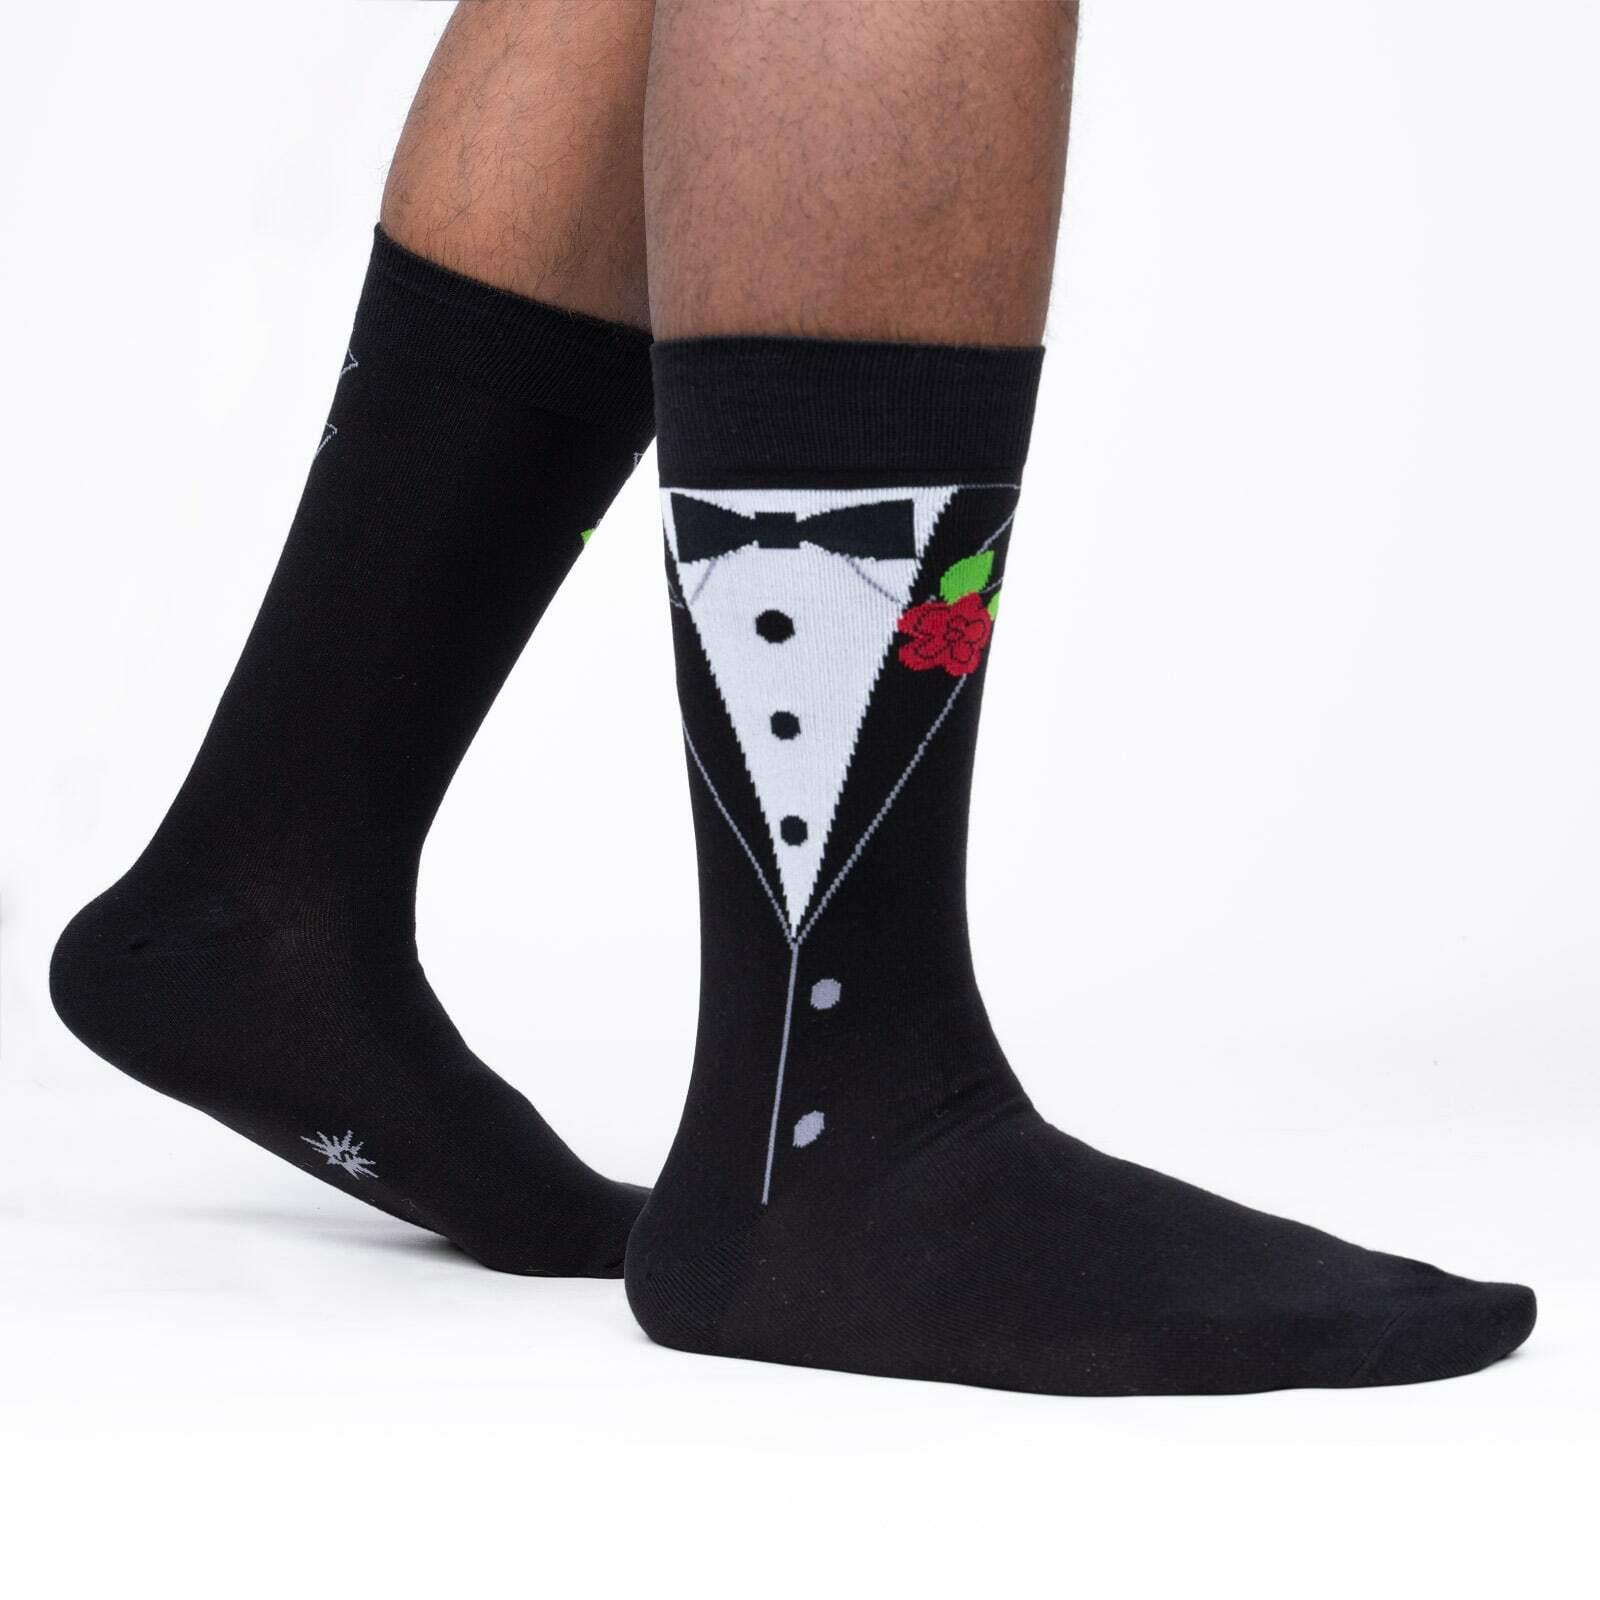 Black Tie Affair - Suit Up Black Men's Crew Socks - Sock It to Me in Black